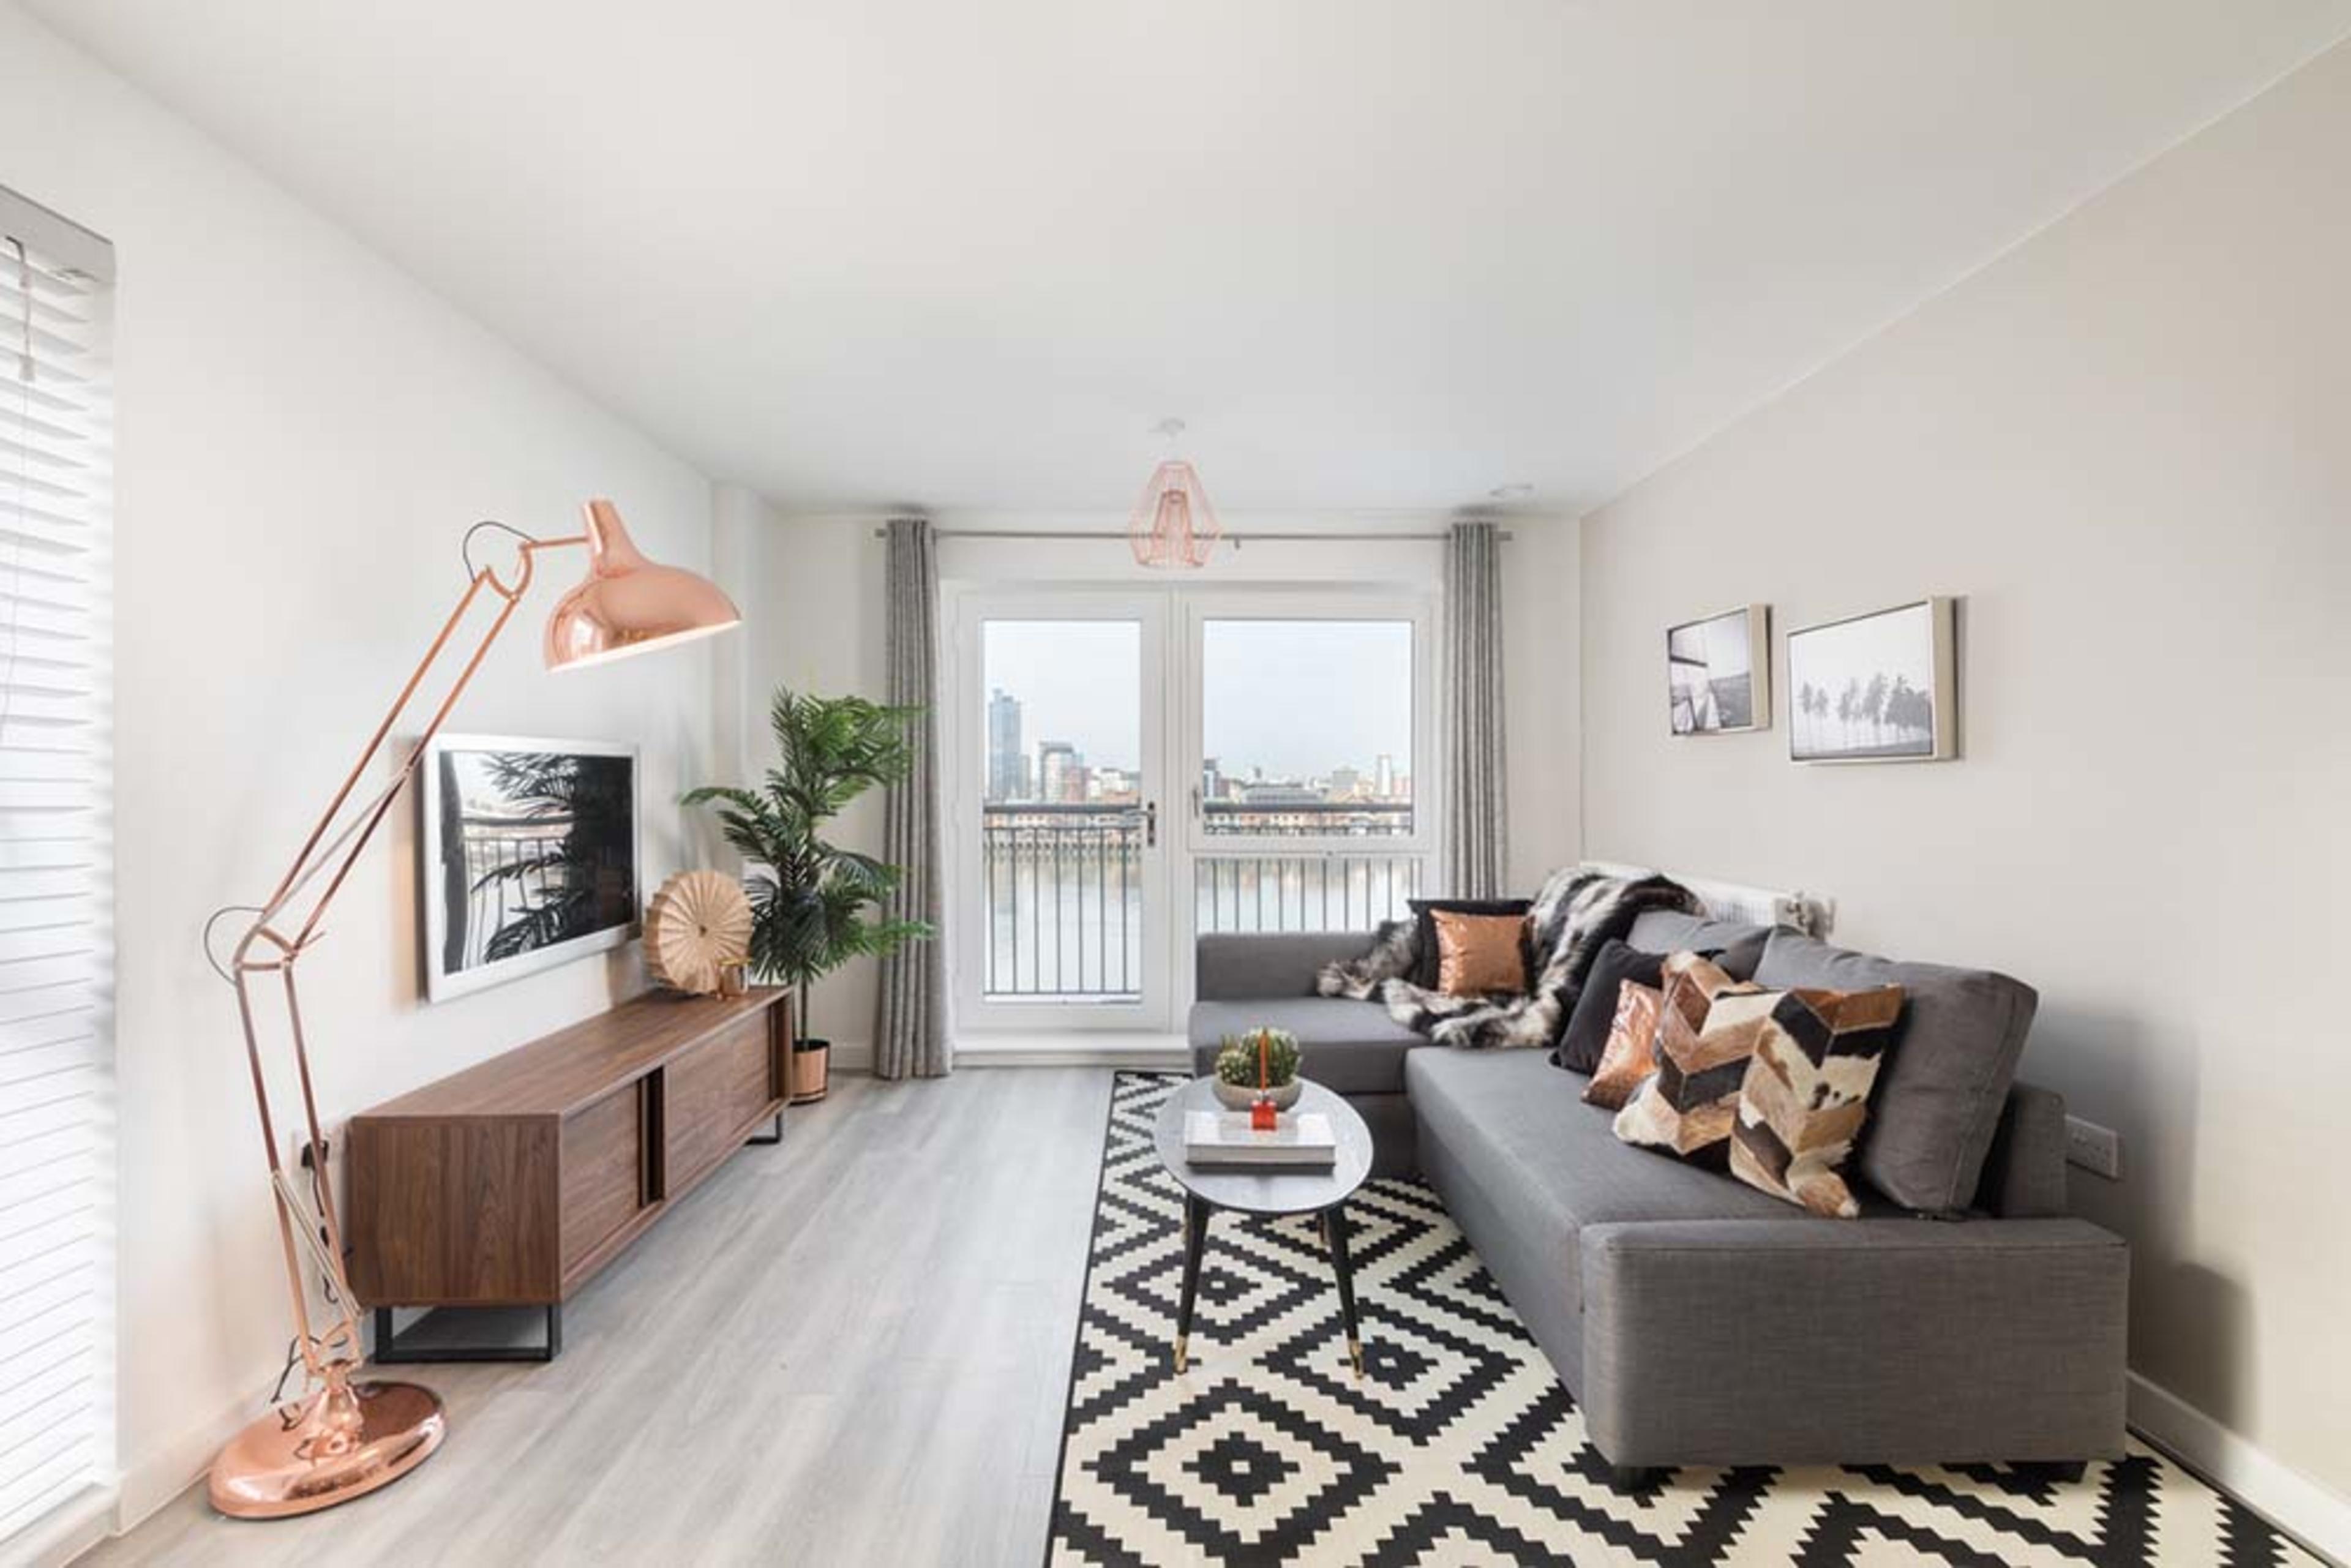 Centenary Quay - Living room